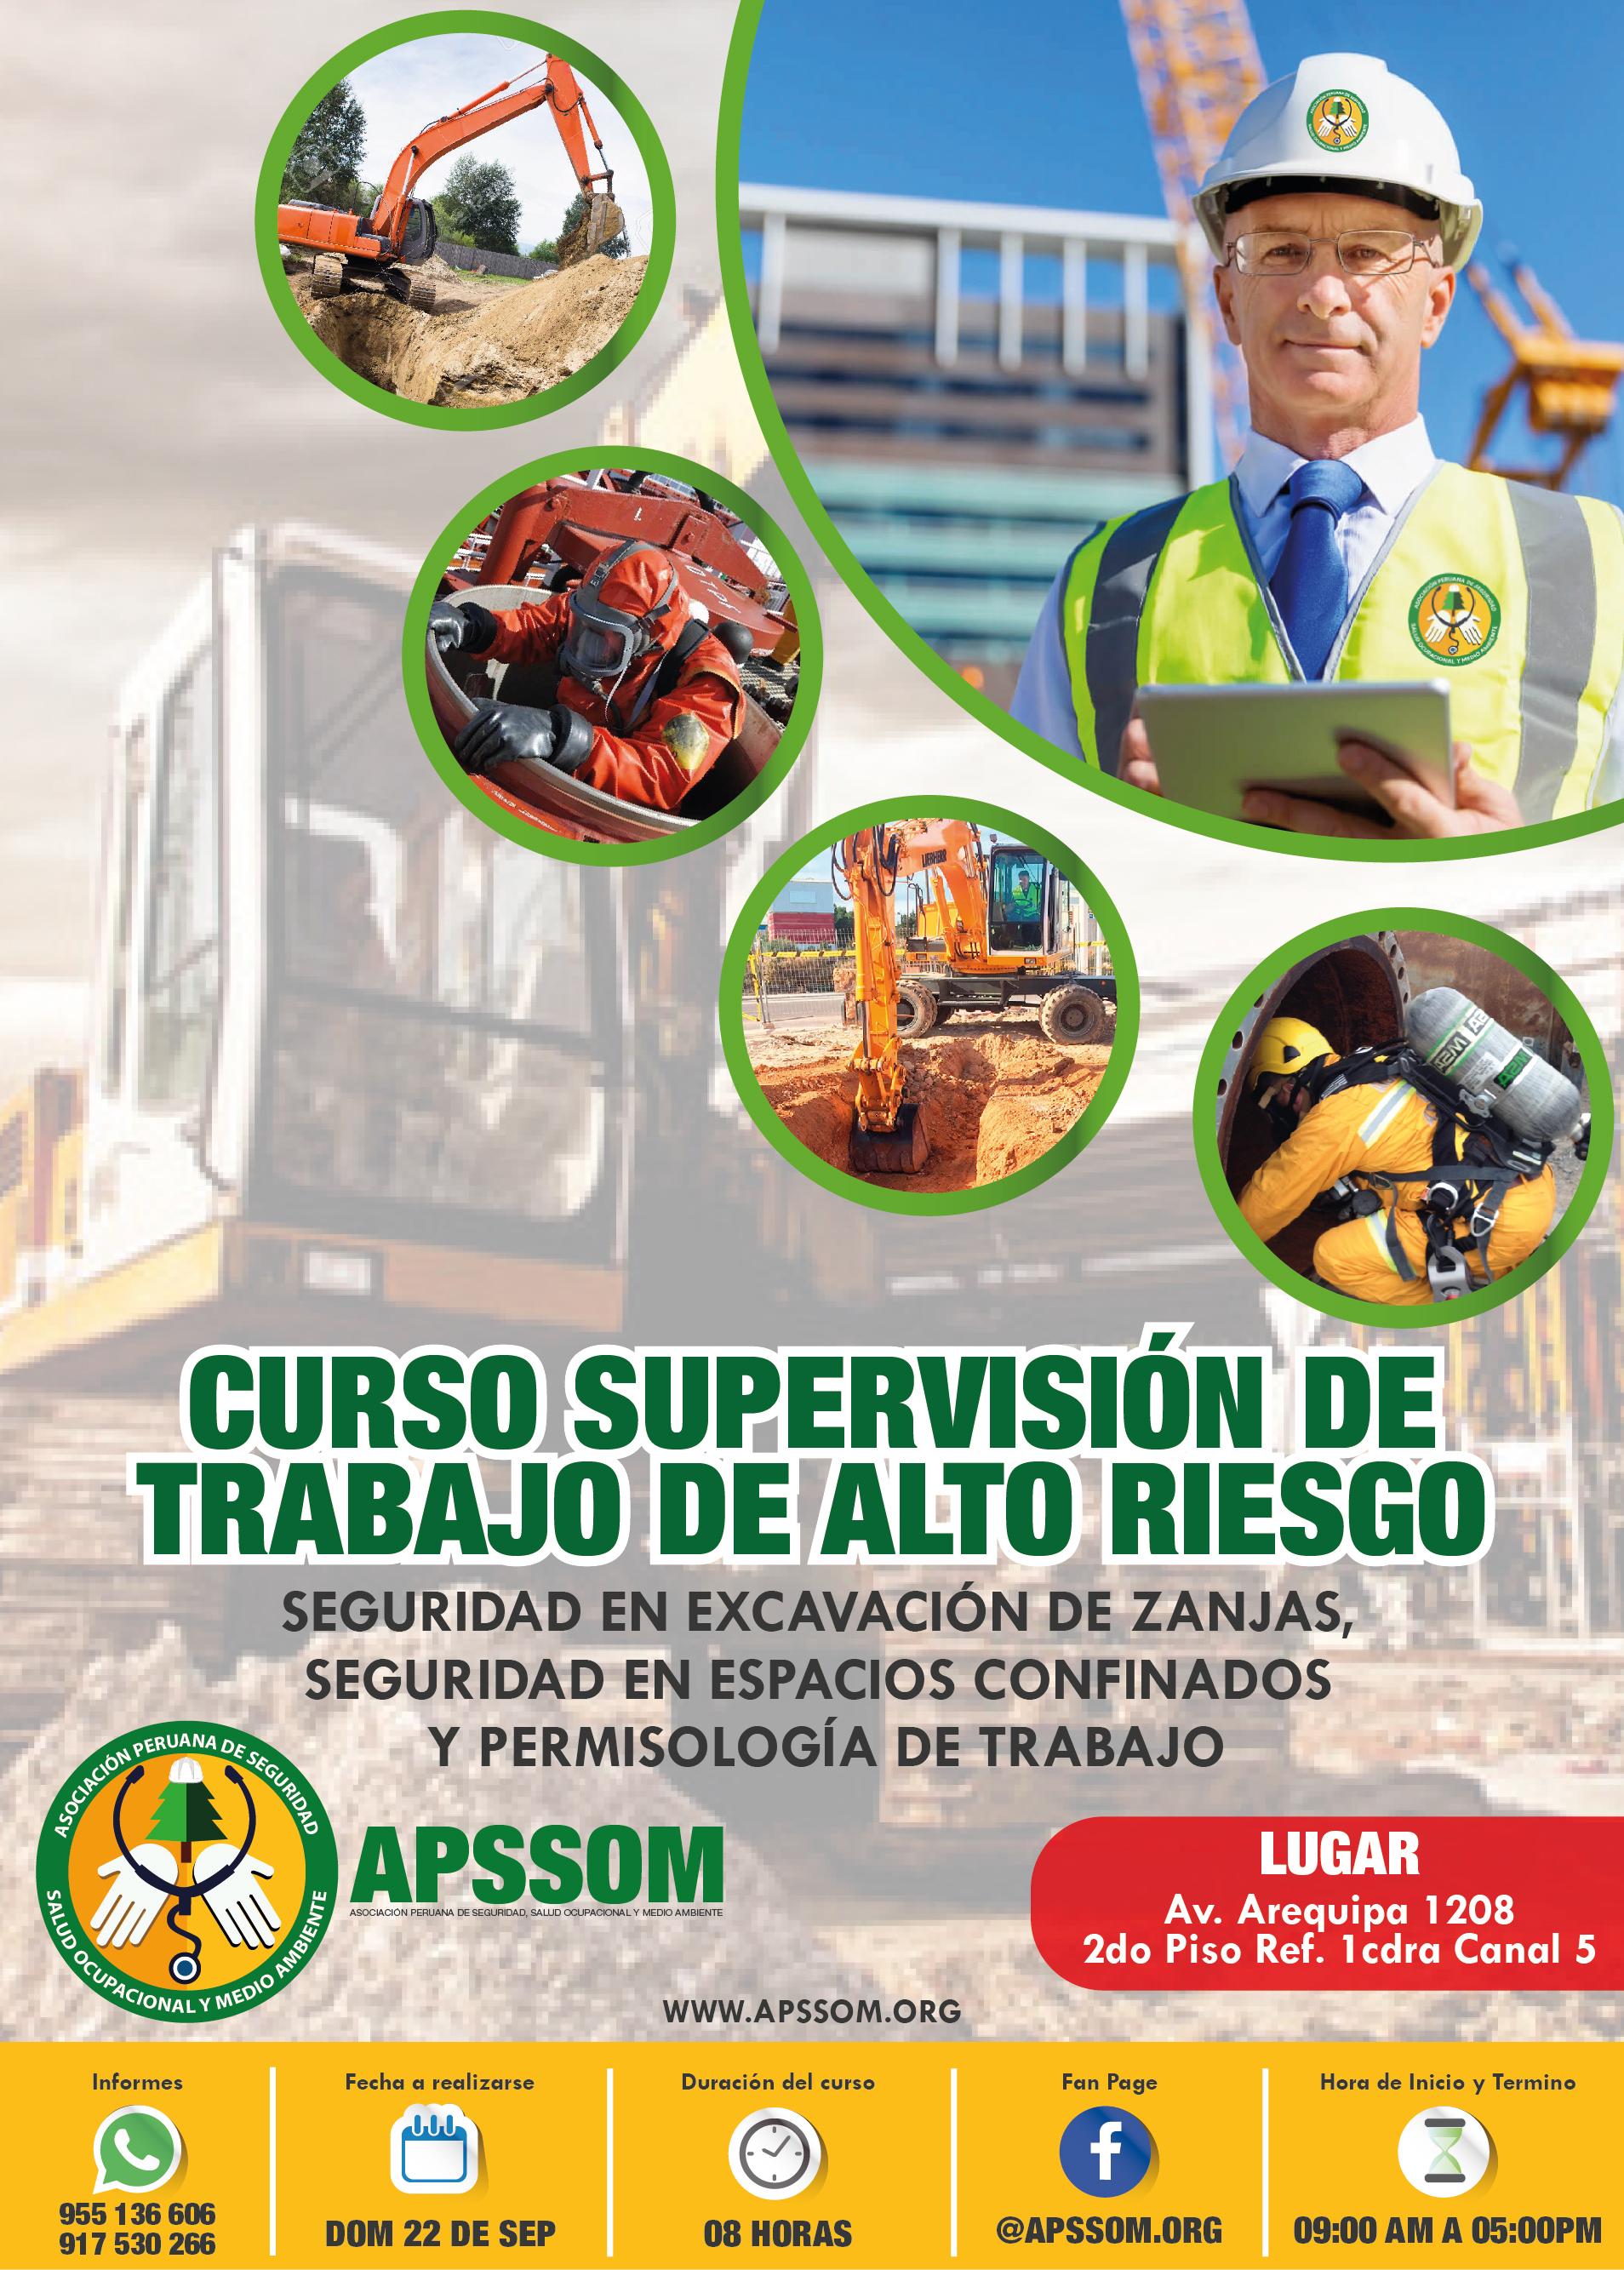 SUPERVISIÓN DE TRABAJO DE ALTO RIESGO,SEGURIDAD EN EXCAVACIÓN DE ZANJAS, SEGURIDAD EN ESPACIOS Y CONFINADOS Y PERMISOLOGÍA DE TRABAJO